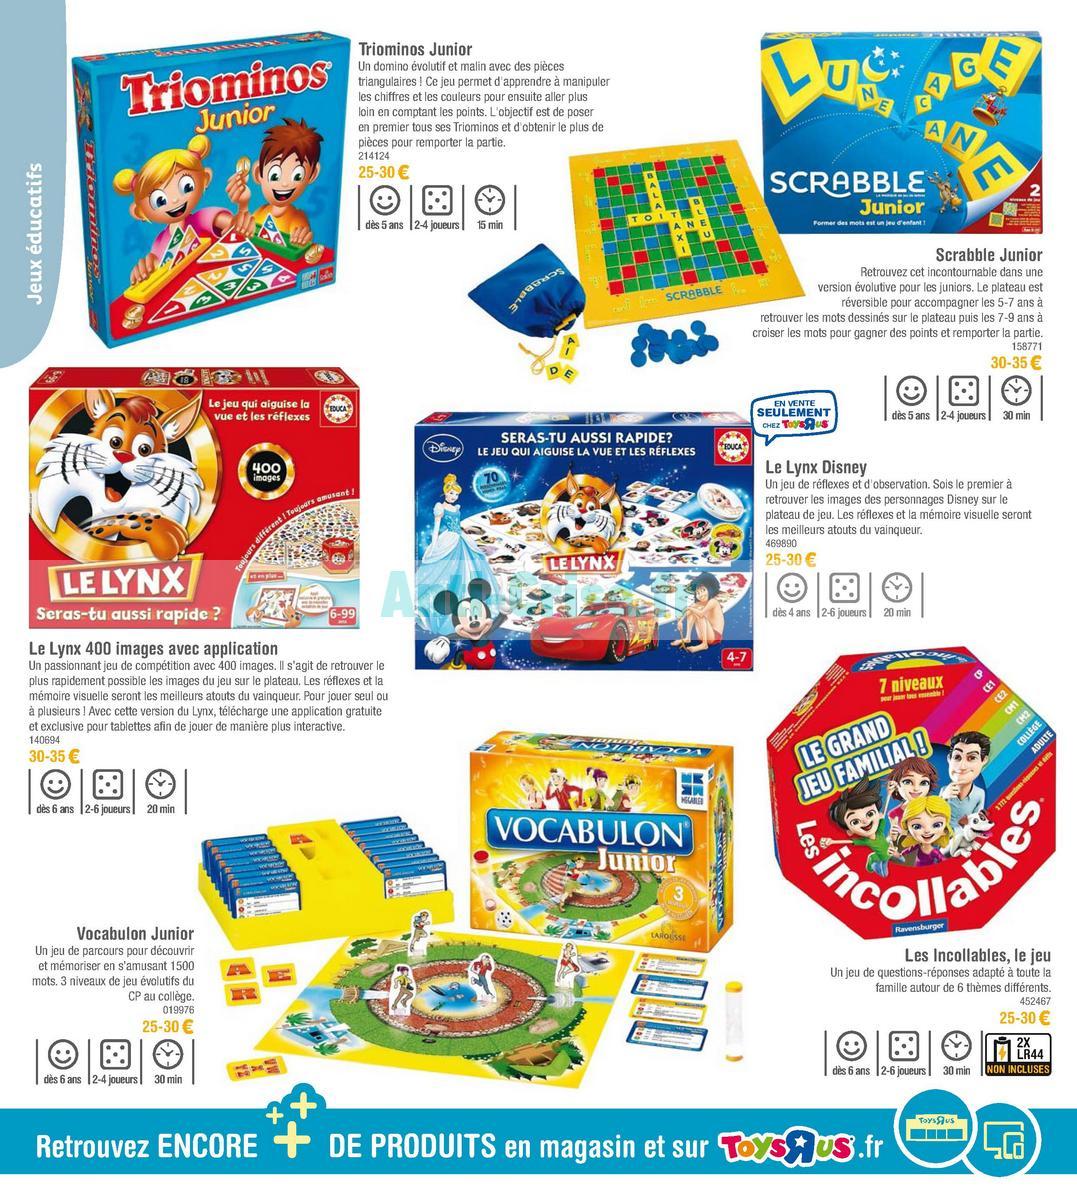 septembre2018 Catalogue Toys R Us du 7 avril au 23 septembre 2018 (Jeux de Société) (24)